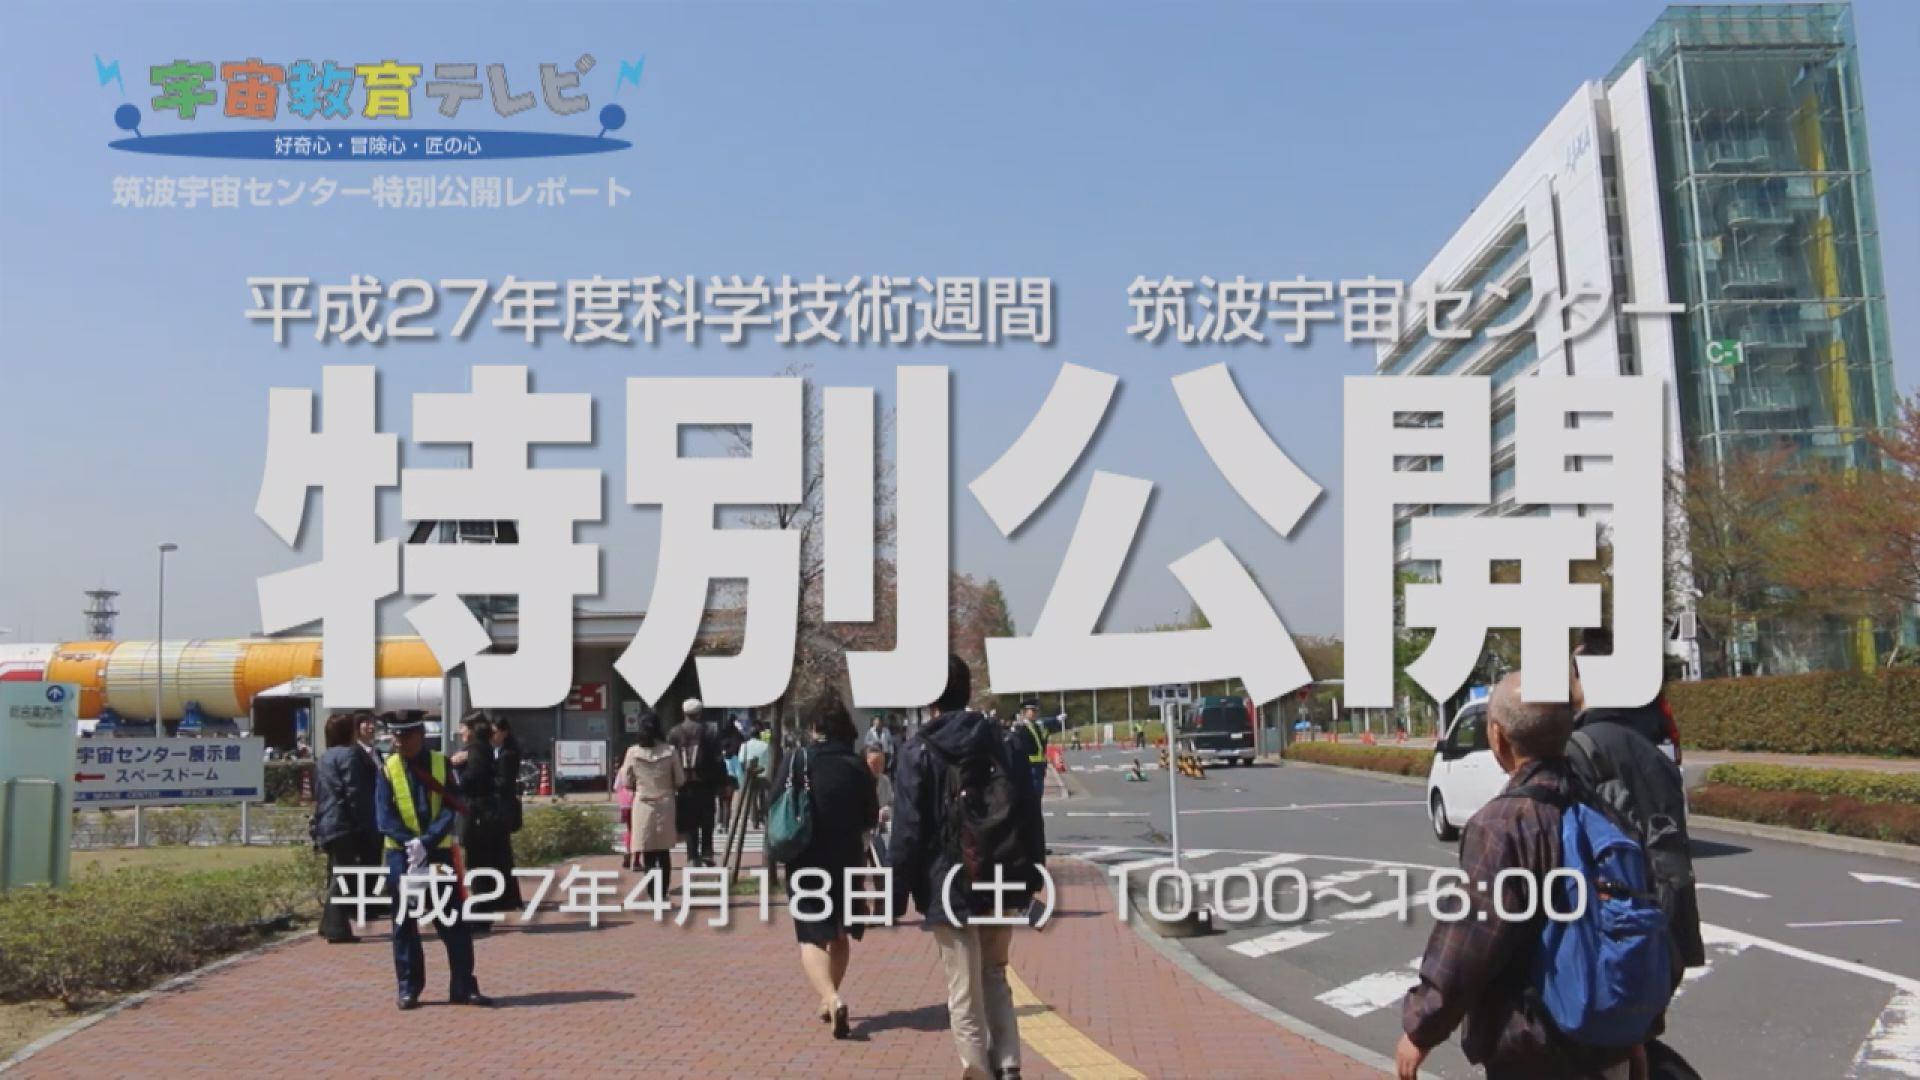 【宇宙教育テレビ】筑波宇宙センター特別公開レポート